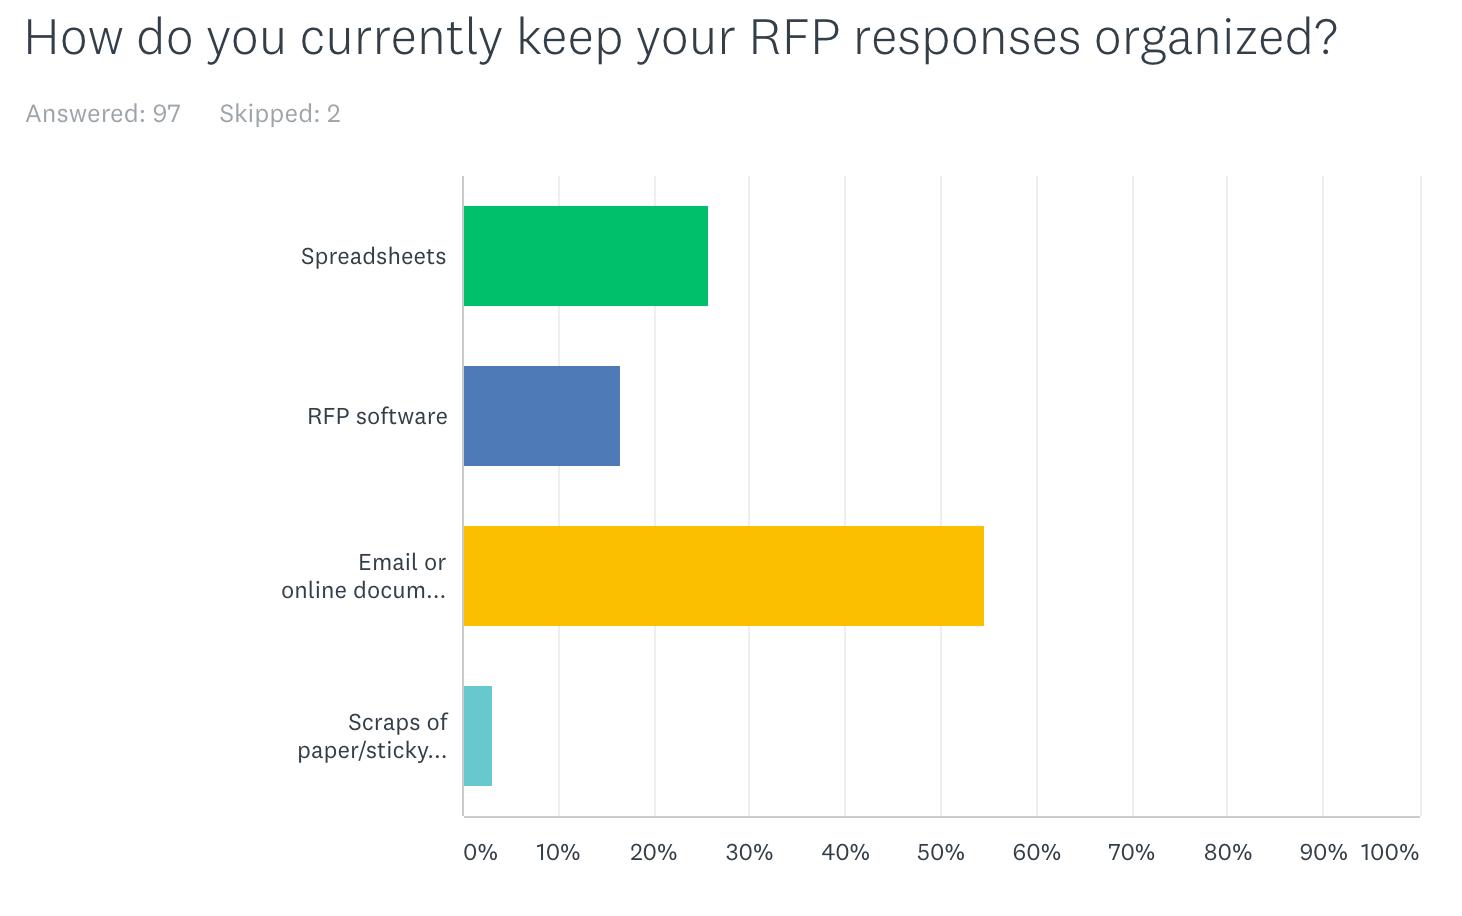 rfp response organization